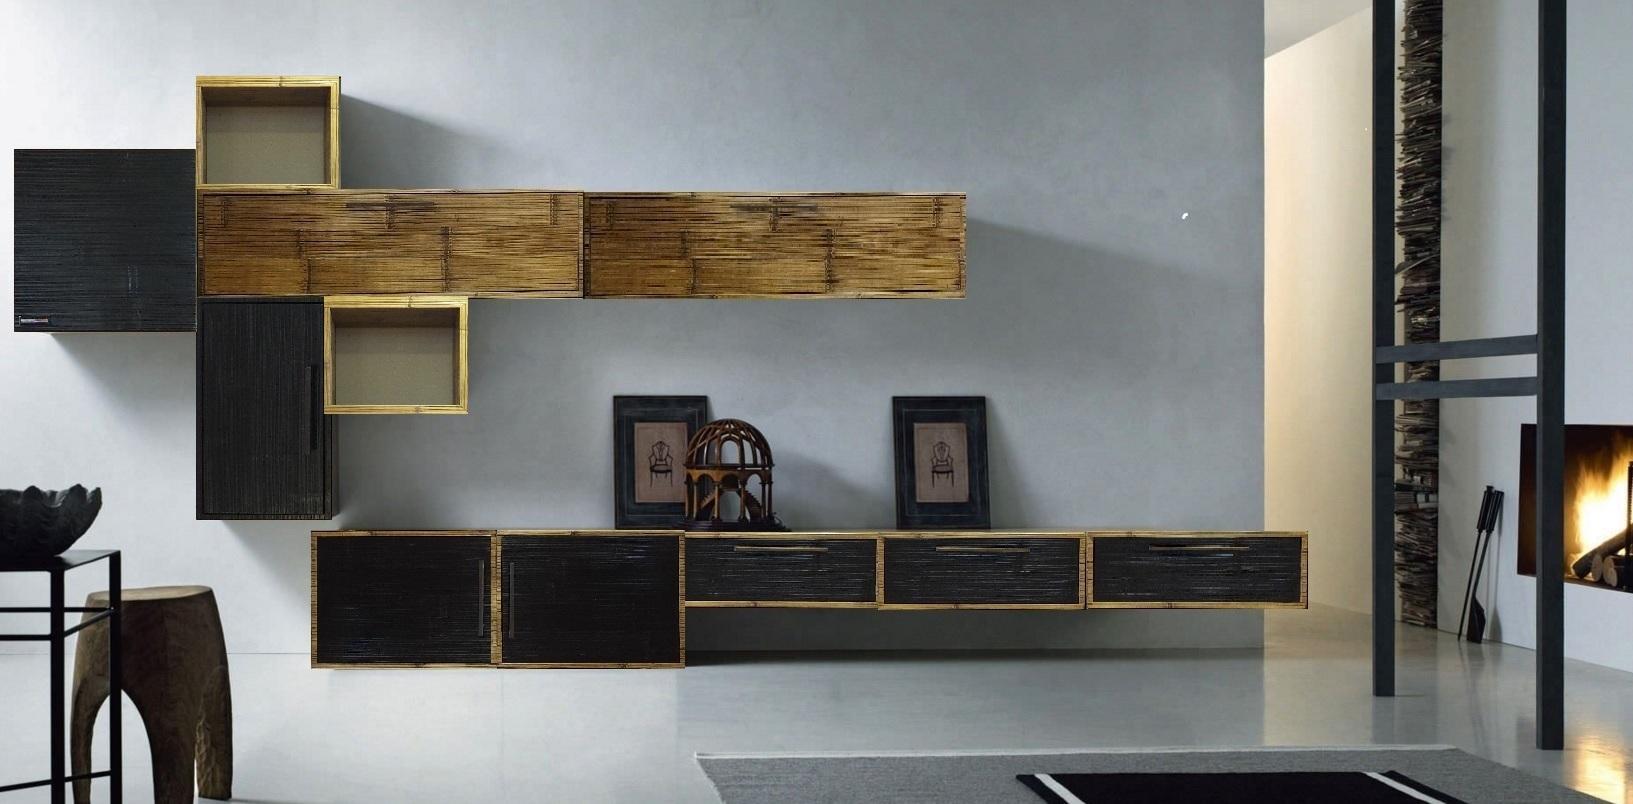 Soggiorno etnico moderno in legno e crash bambu - Soggiorno arredamento moderno ...